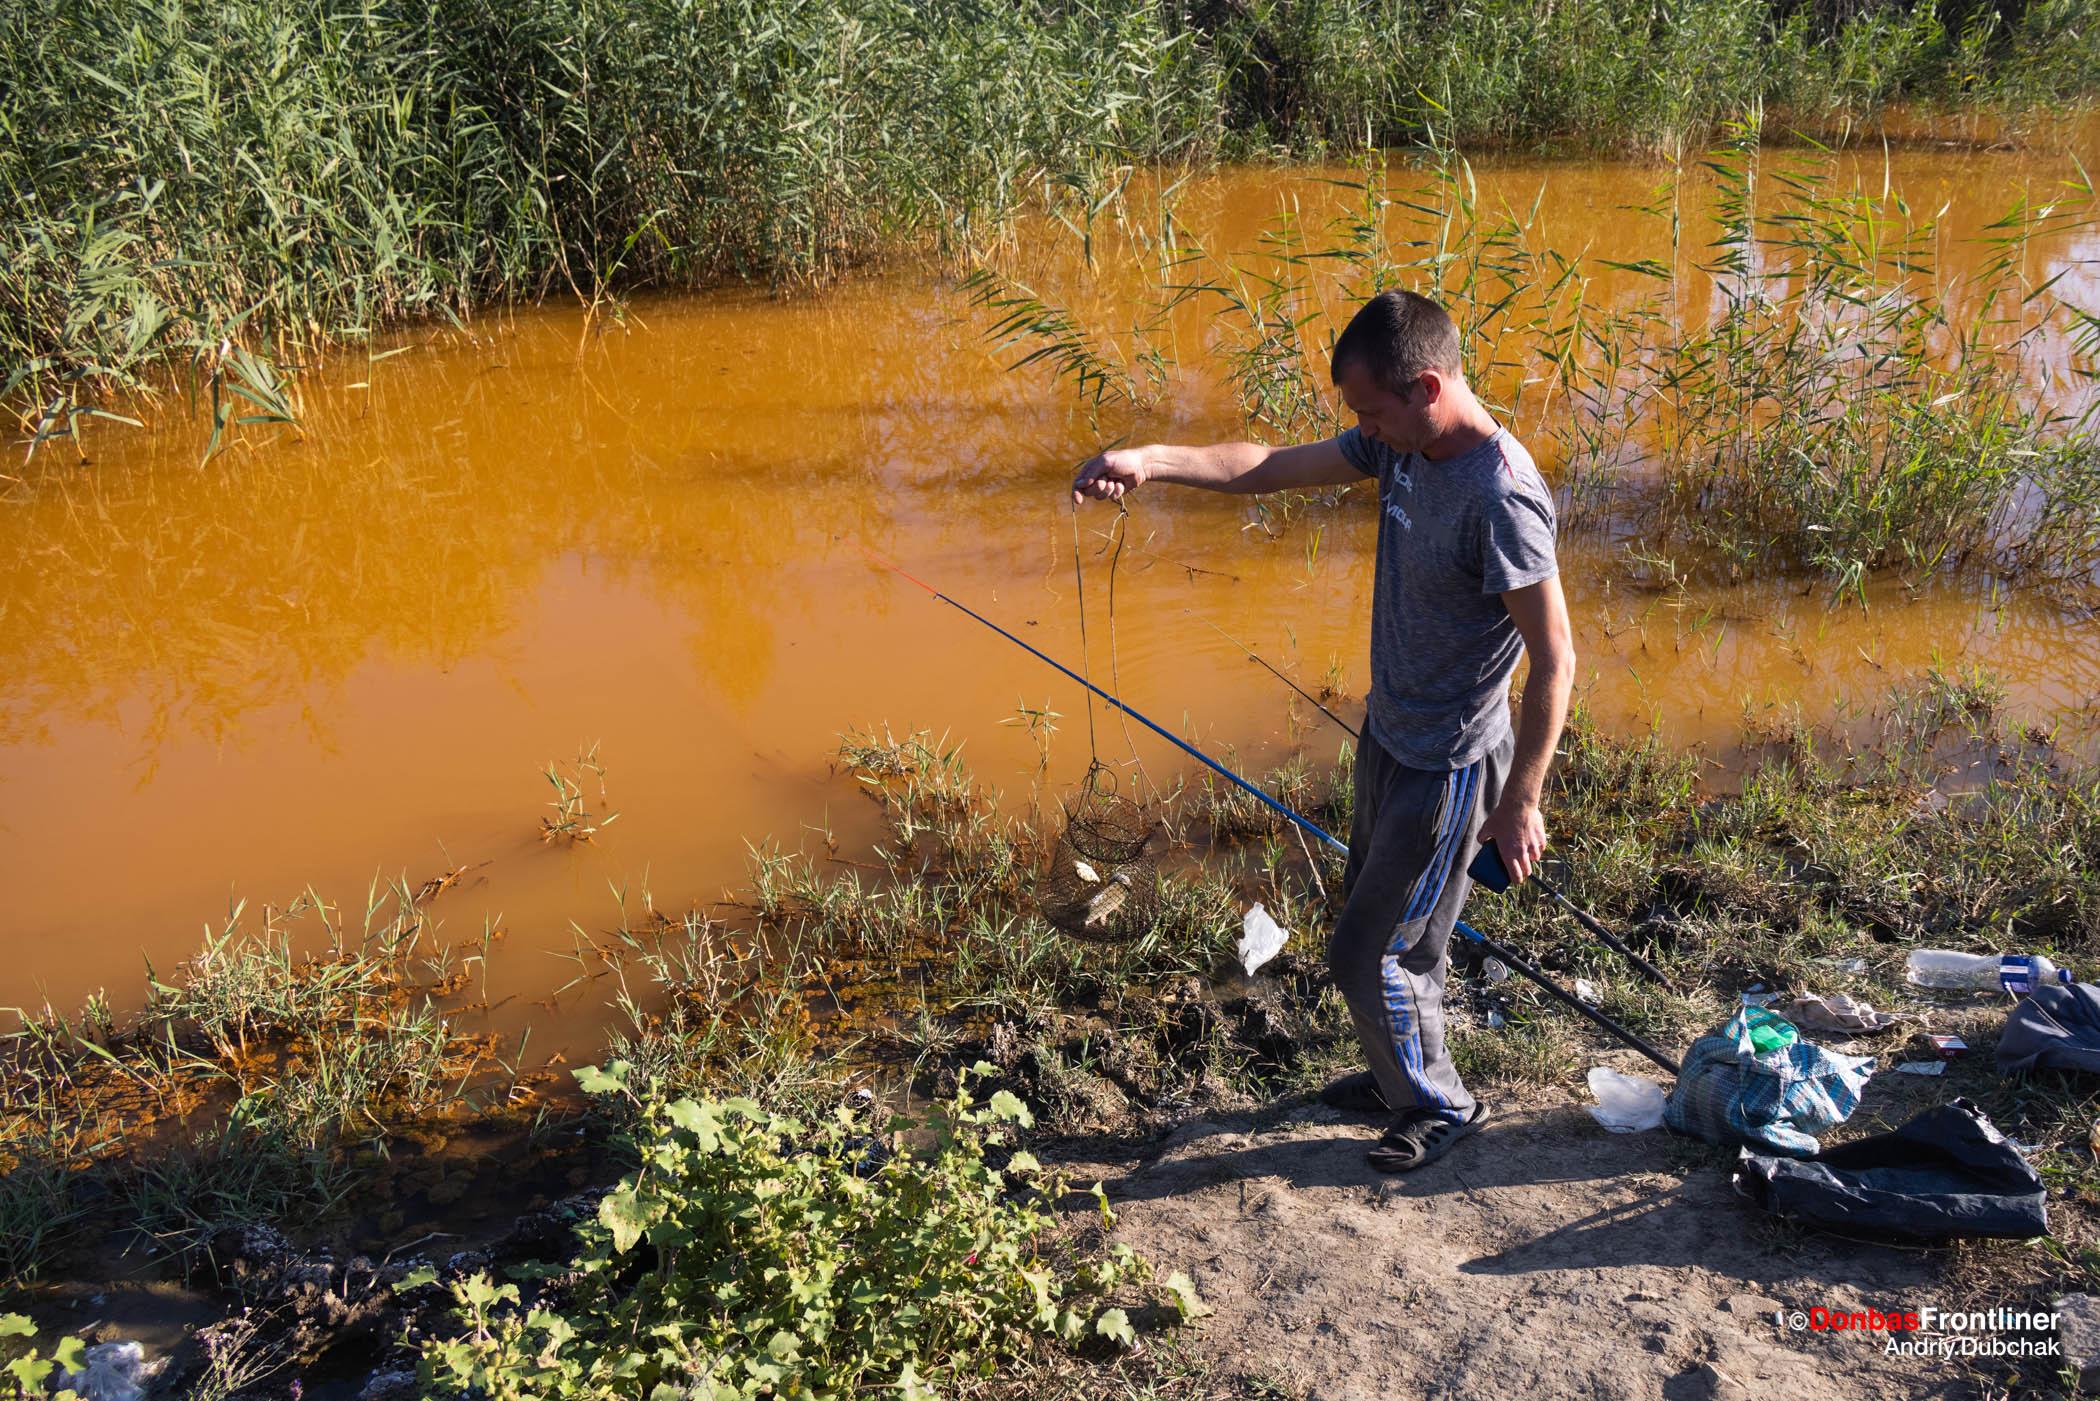 Donbas Frontliner / Затоплені шахти. Золоте. Екологічна катастрофіа. Шахтні води. Рибалка. Сіверський-Донець. Комишуваха